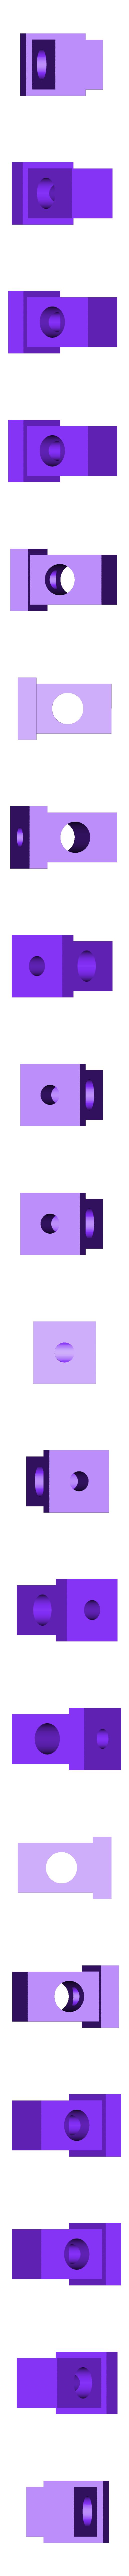 Pipe_plug_A.STL Télécharger fichier STL gratuit Imprimante à pochoir • Objet pour imprimante 3D, perinski